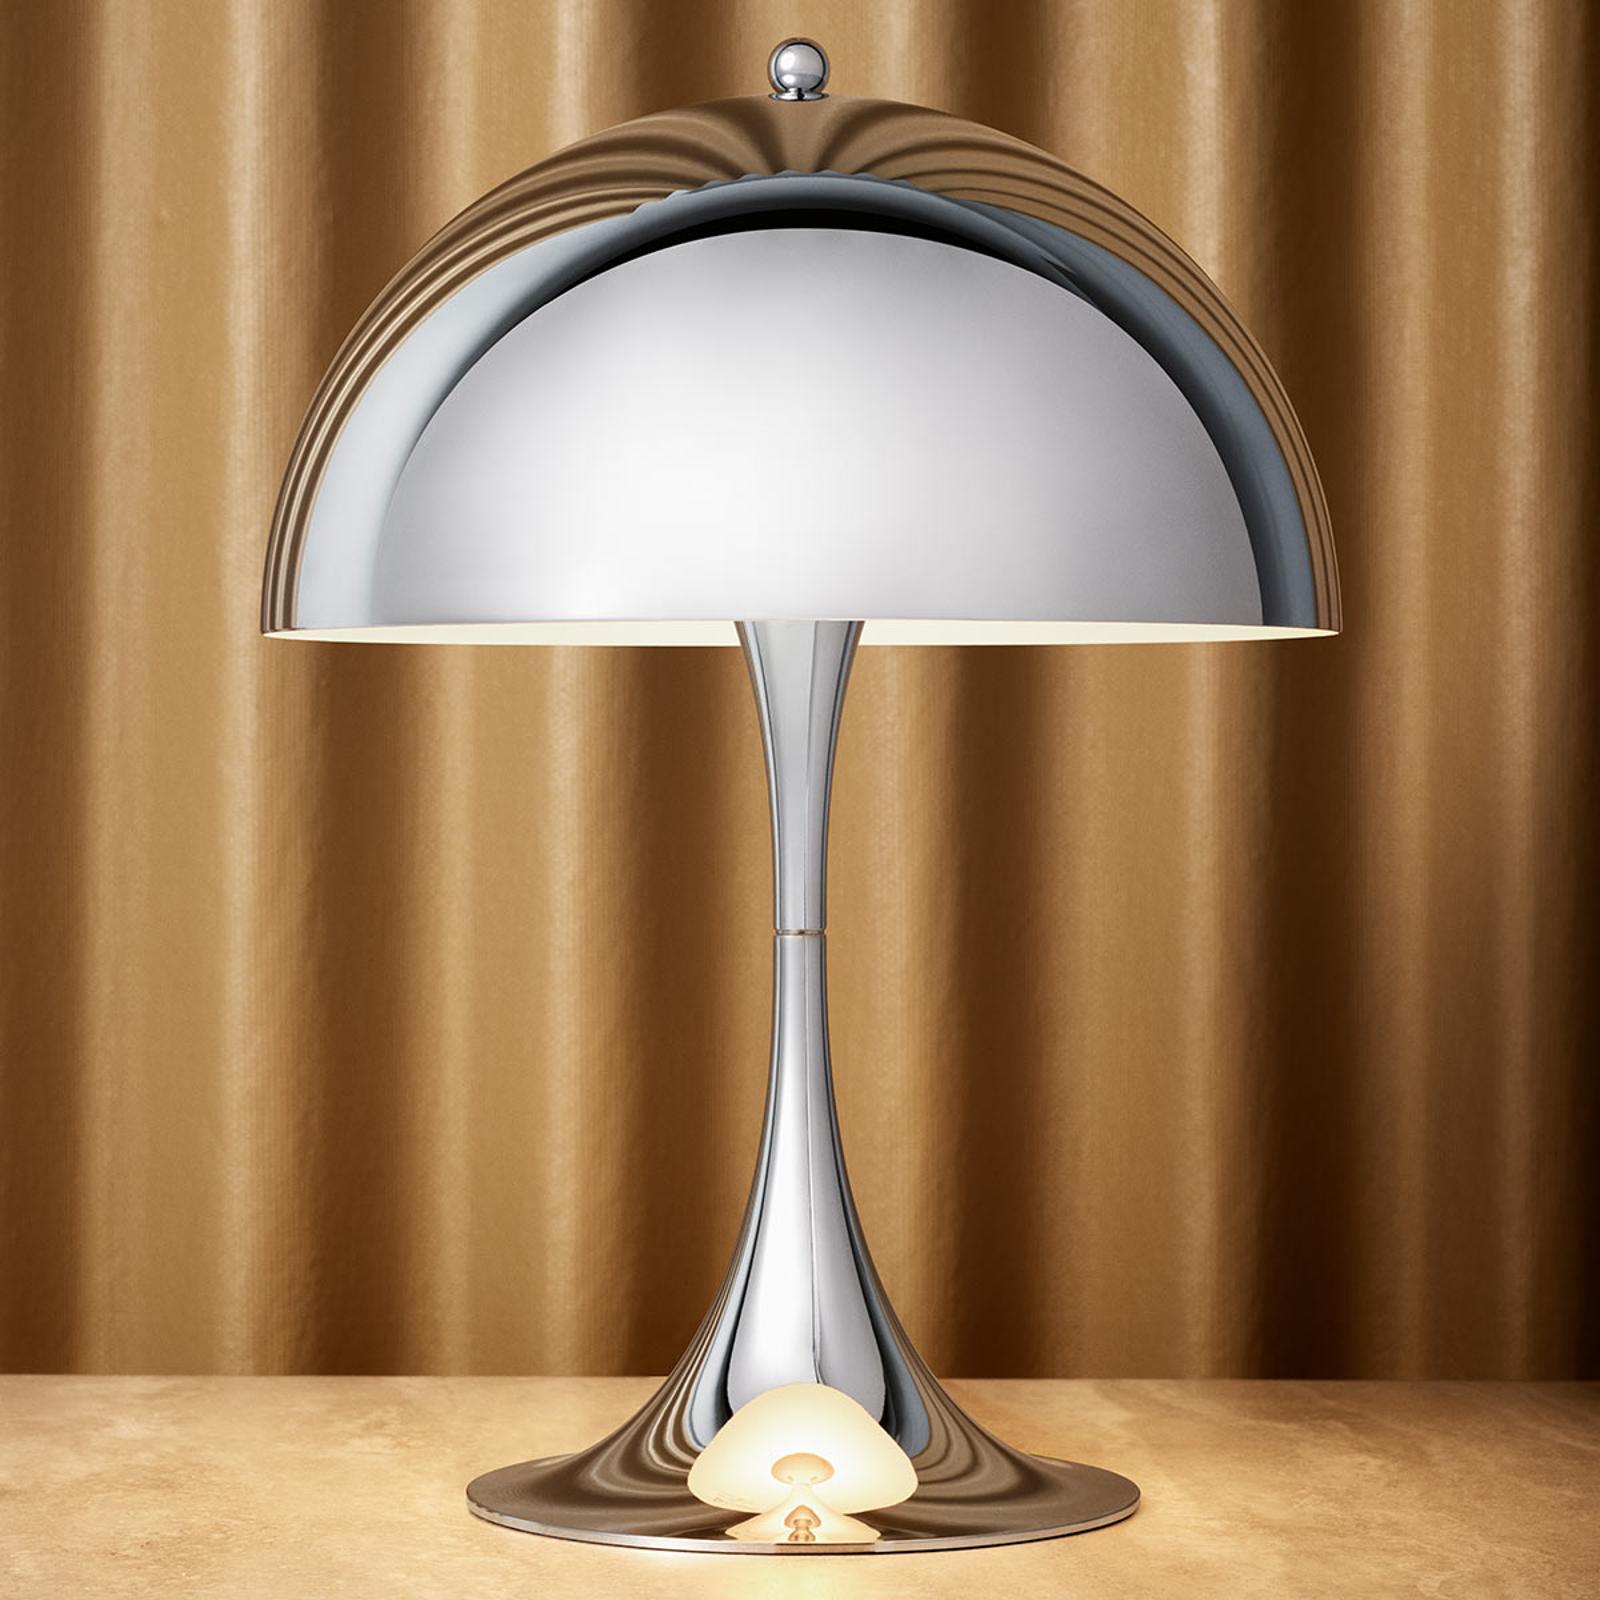 LED tafellamp Panthella Mini hoogglans verchroomd